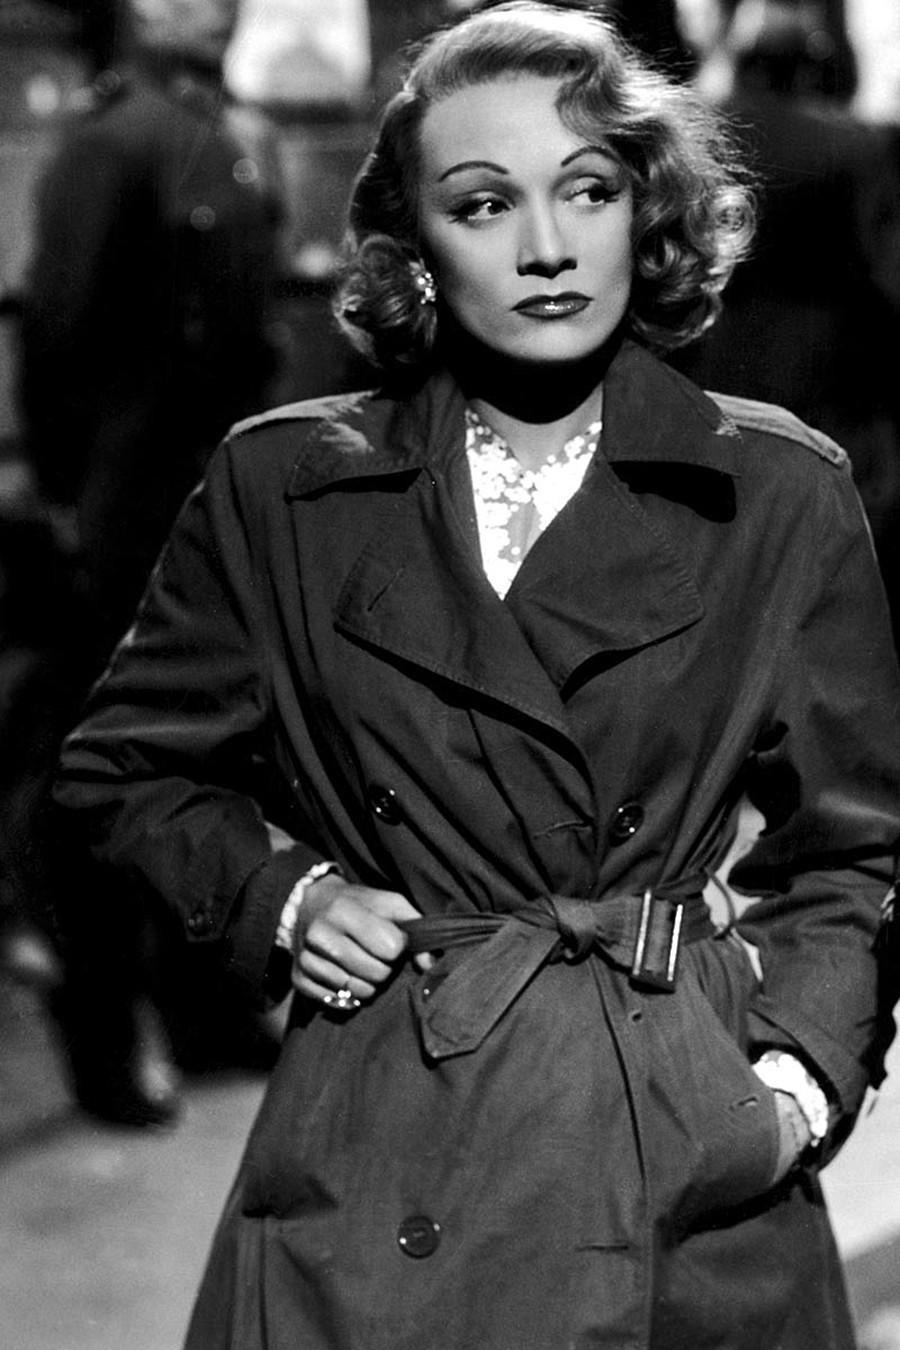 """Marlene Dietrich com um sobretudo em """"A mundana""""."""